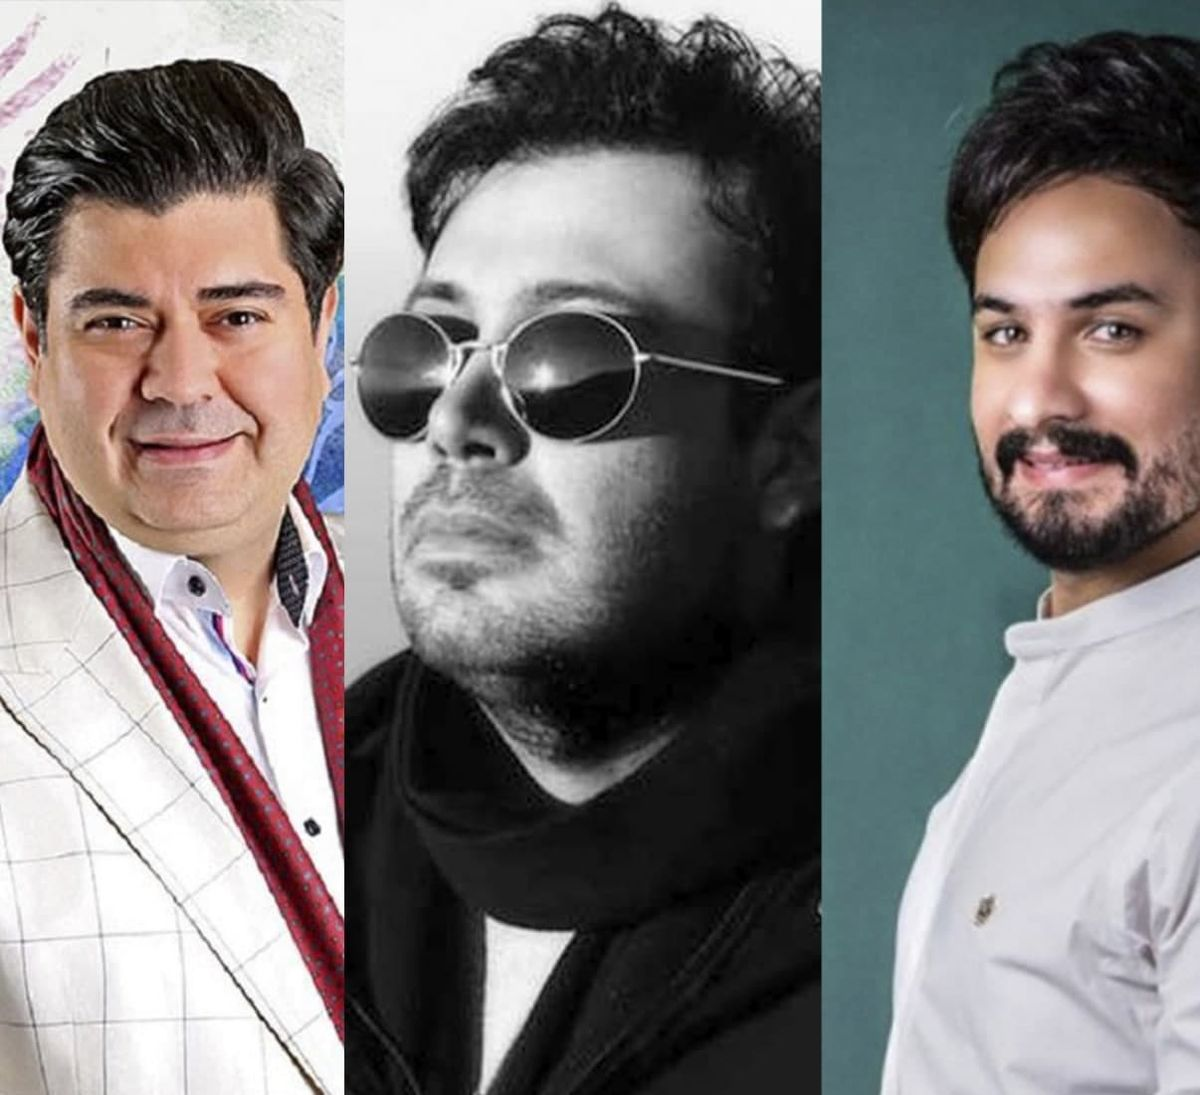 اولین خوانندههای انتخاباتی چه کسانی هستند؟!+جزئیات بیشتر را بخوانید